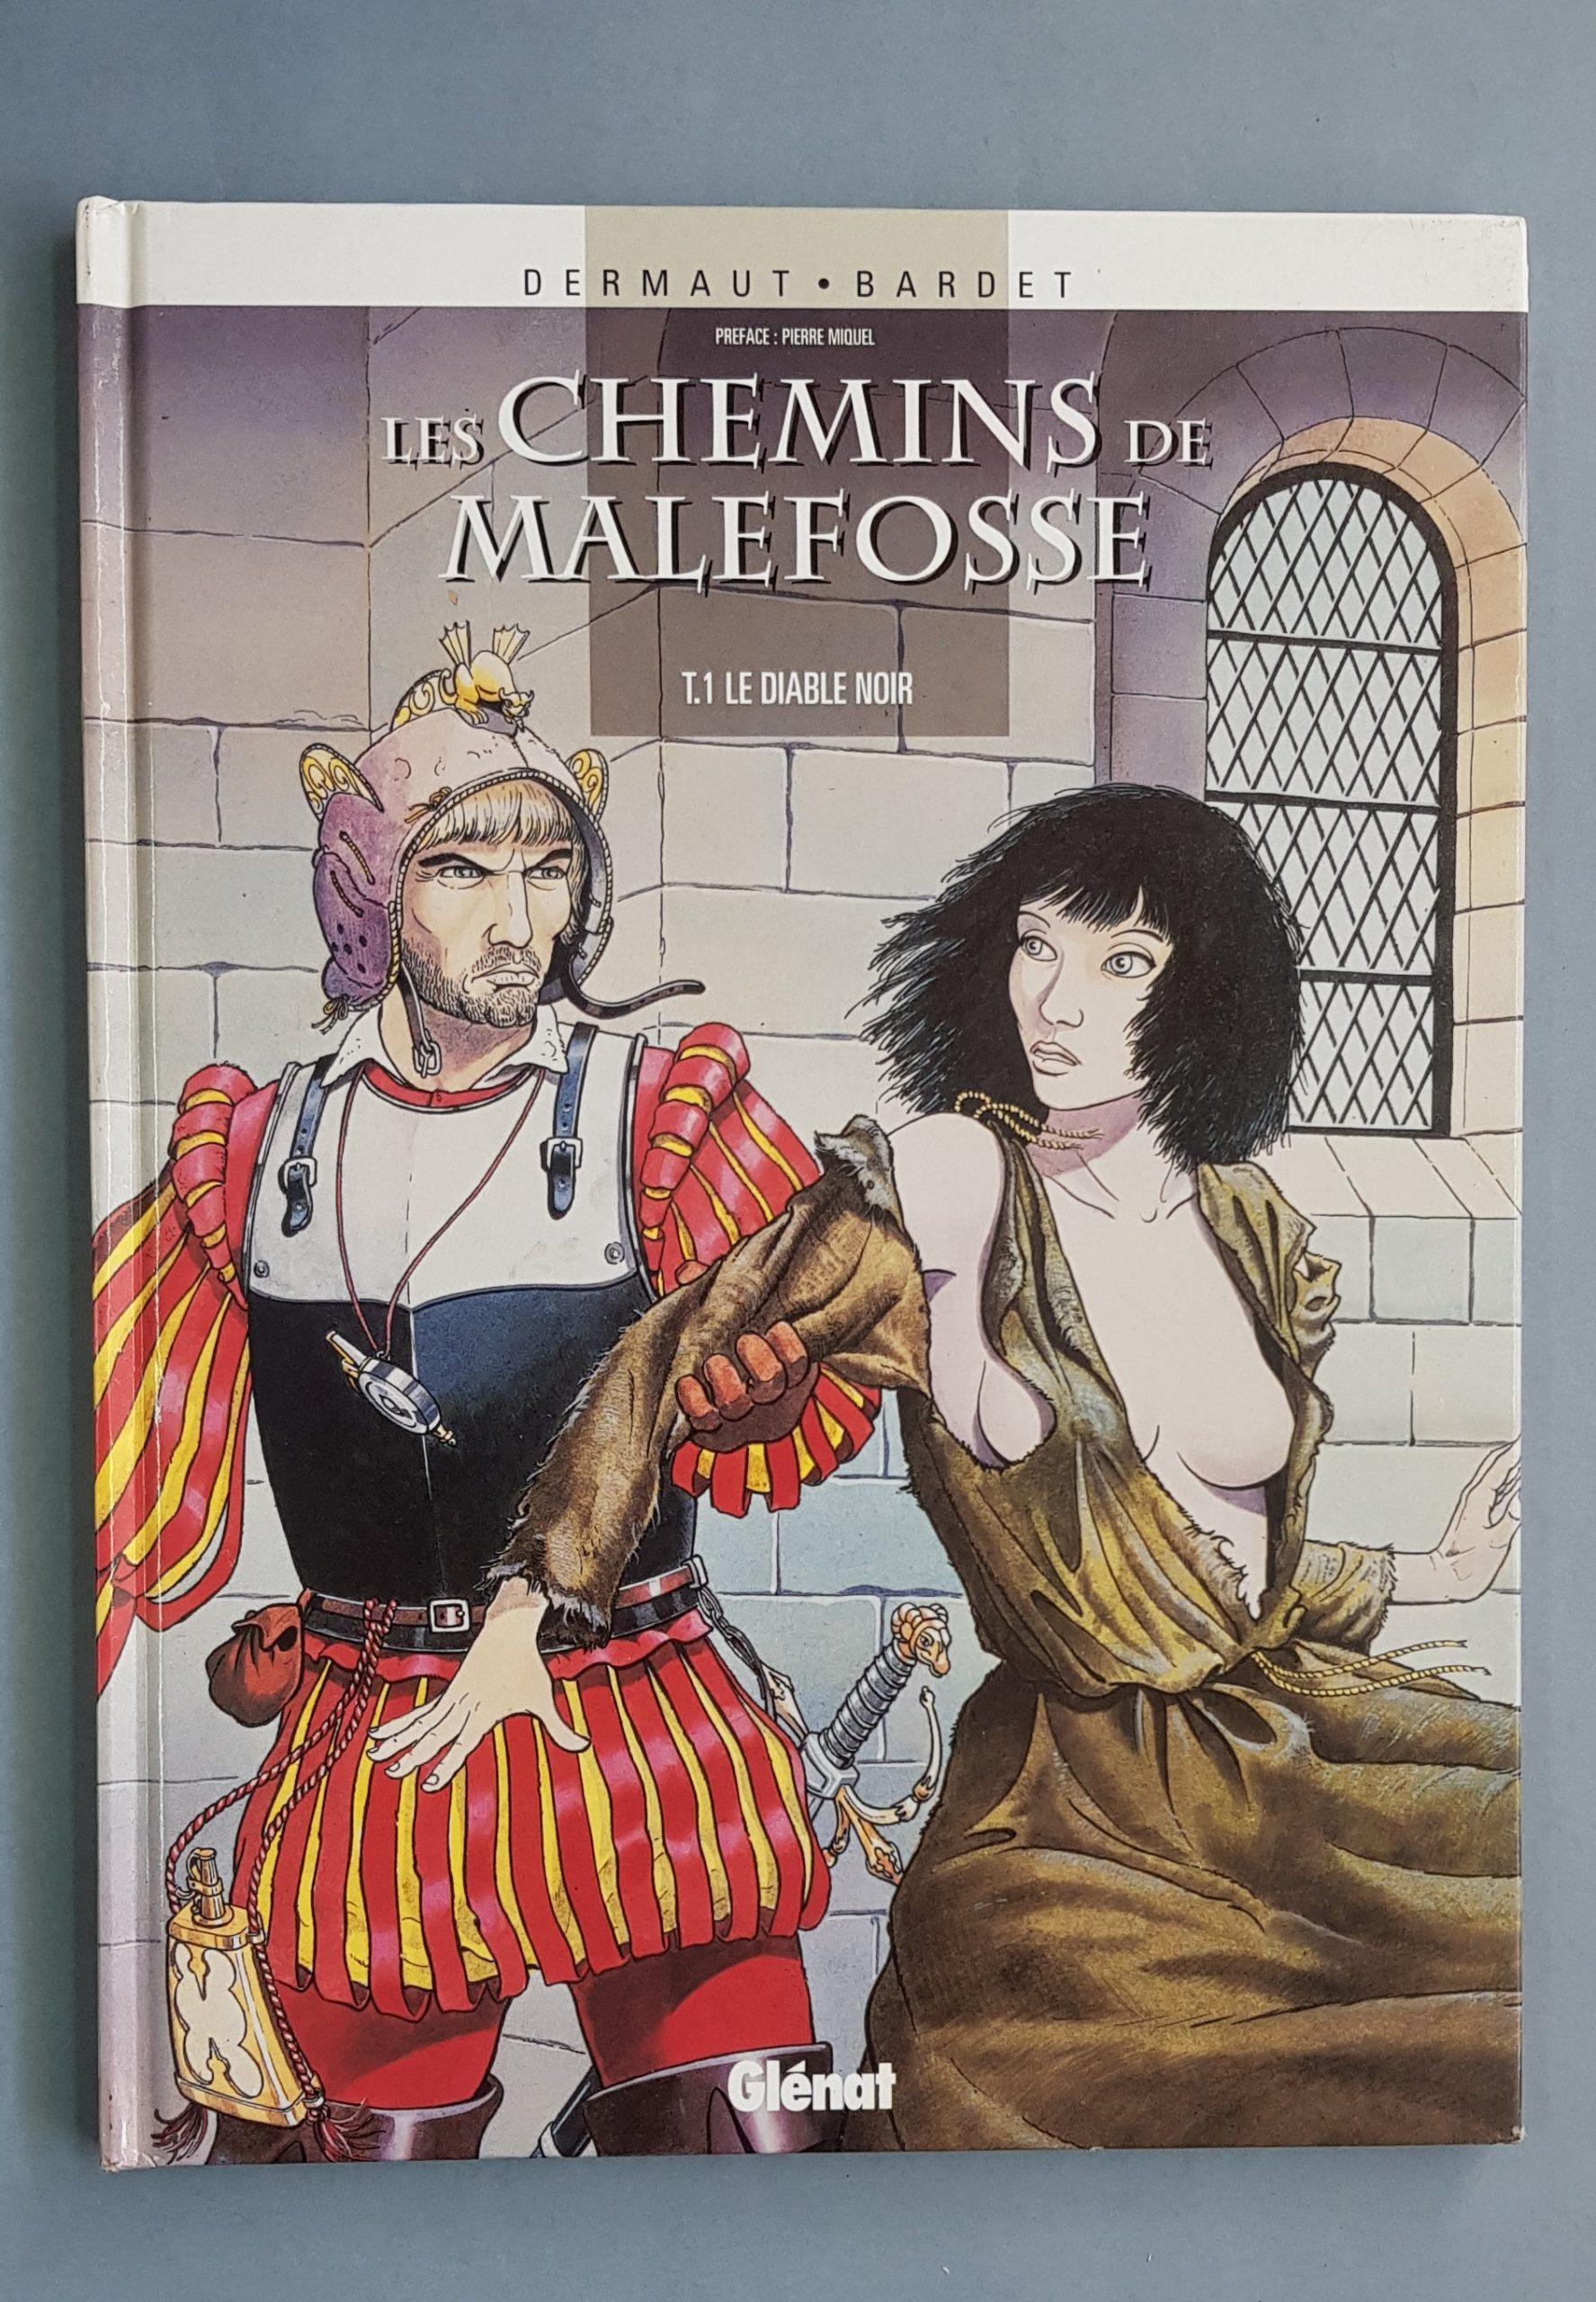 LES CHEMINS DE MALEFOSSE 1 – LE DIABLE NOIR